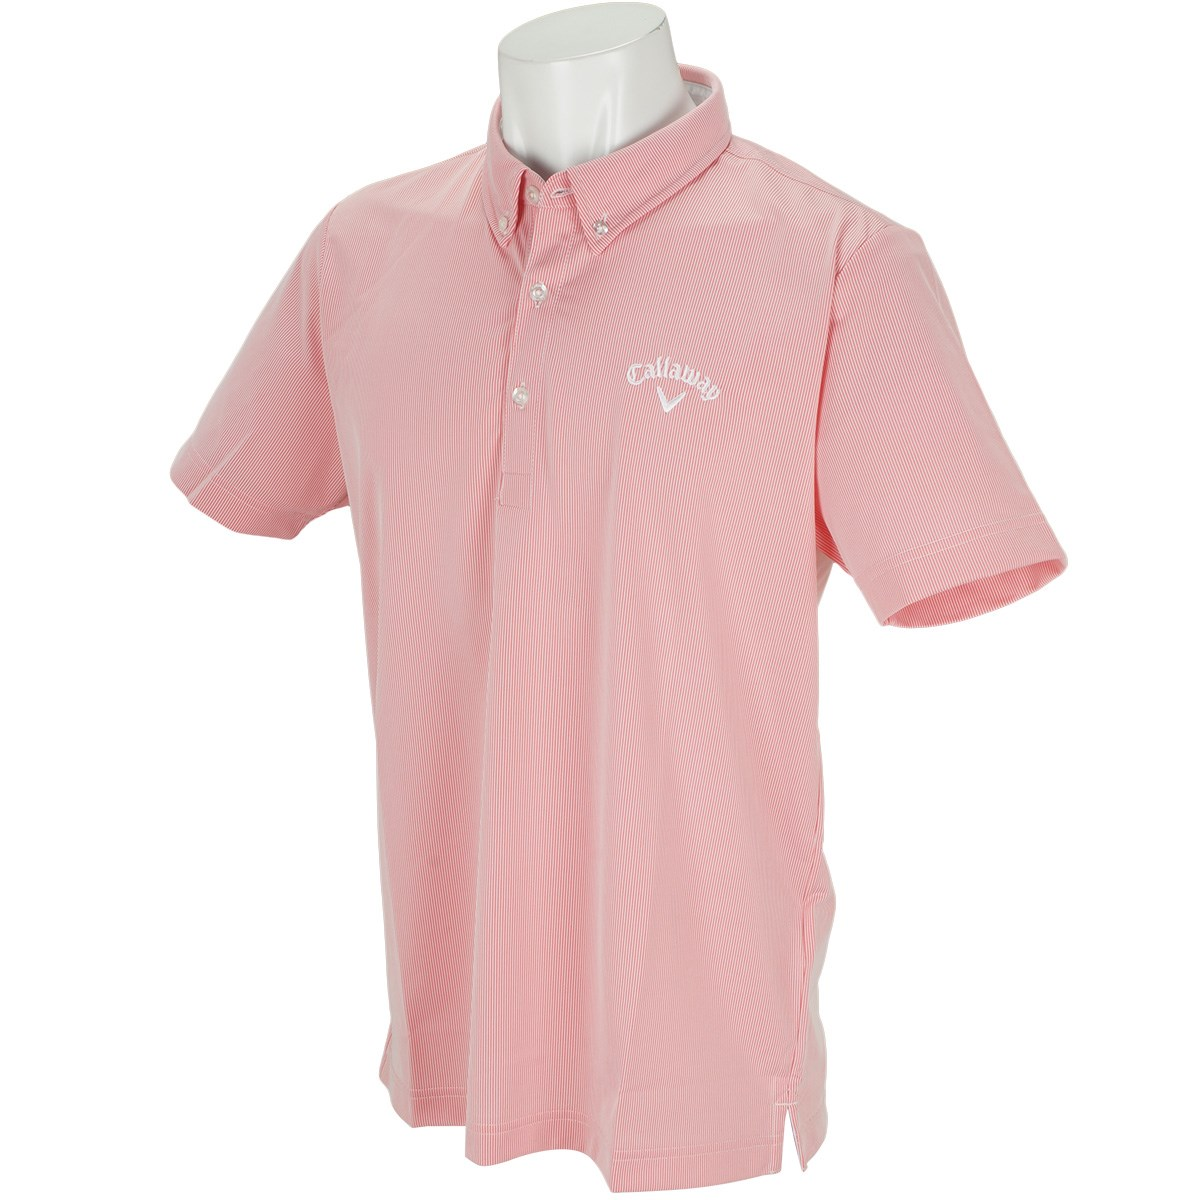 キャロウェイゴルフ Callaway Golf ボタンダウン コードレーン カラー半袖ポロシャツ M レッド 100